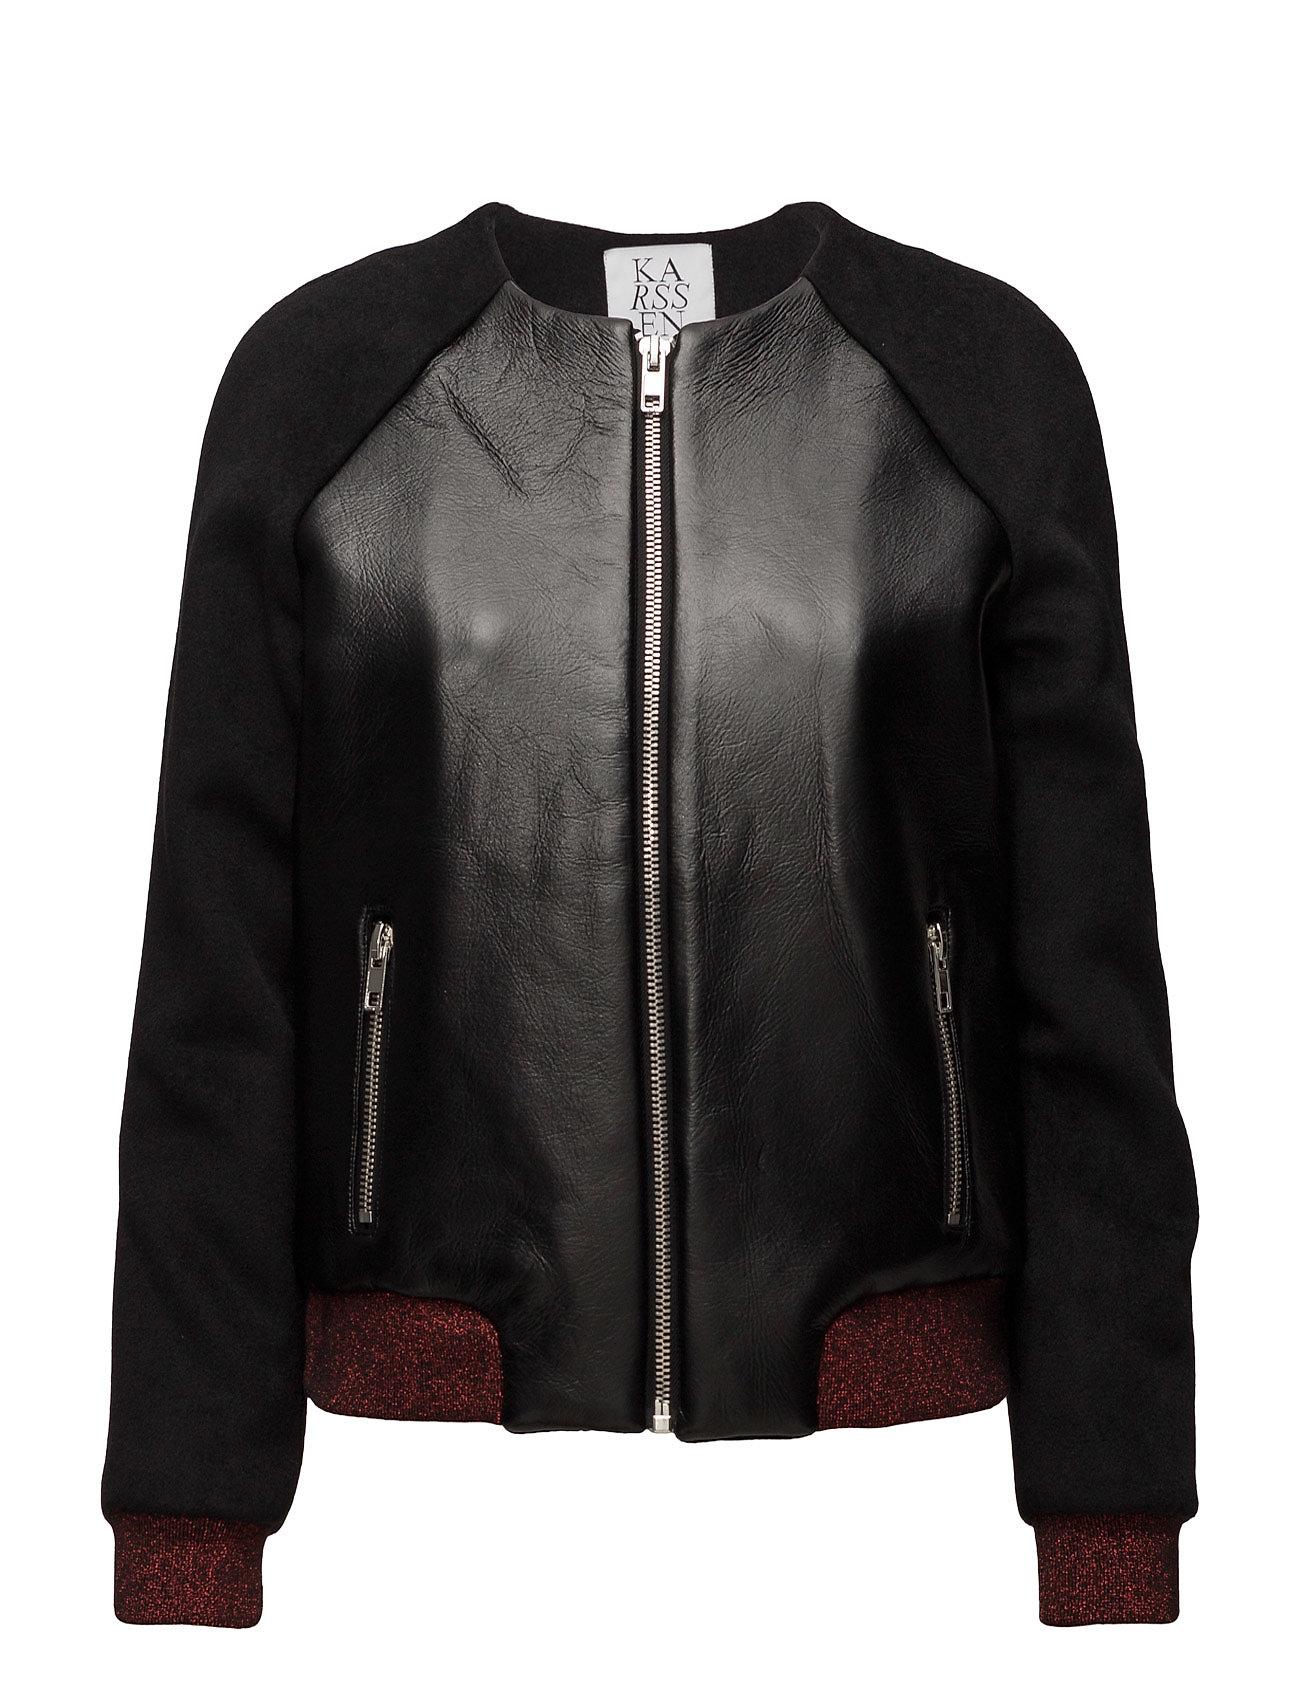 zoe karssen – Bomber jacket contrast lurex rib på boozt.com dk